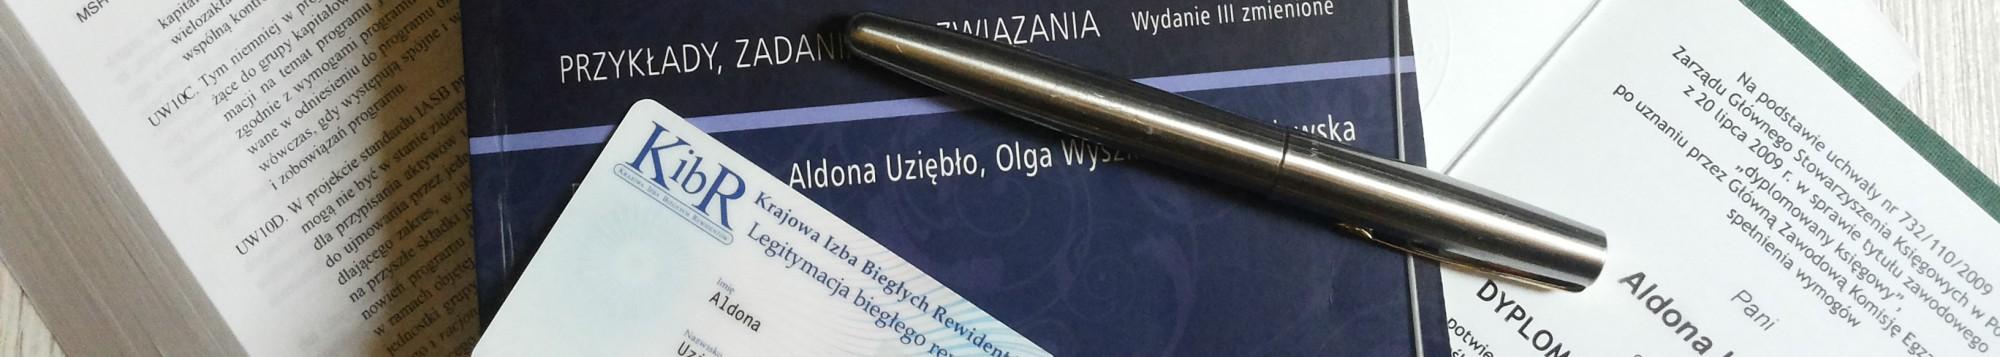 Aldona Uziębło